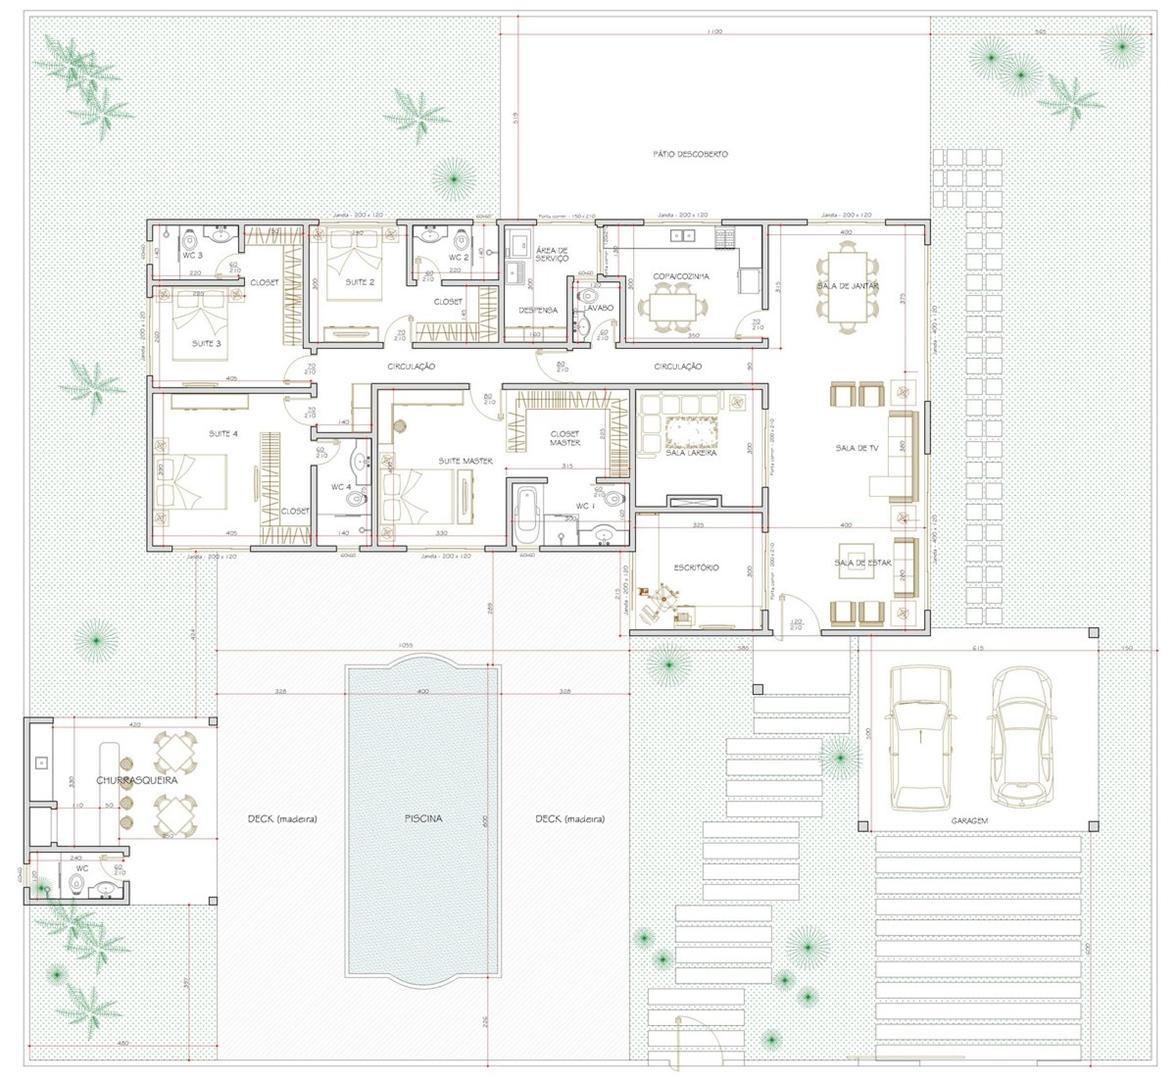 Casas Com Varanda 60 Modelos Projetos E Fotos: PLANTAS DE CASAS COM 4 QUARTOS E VARANDA